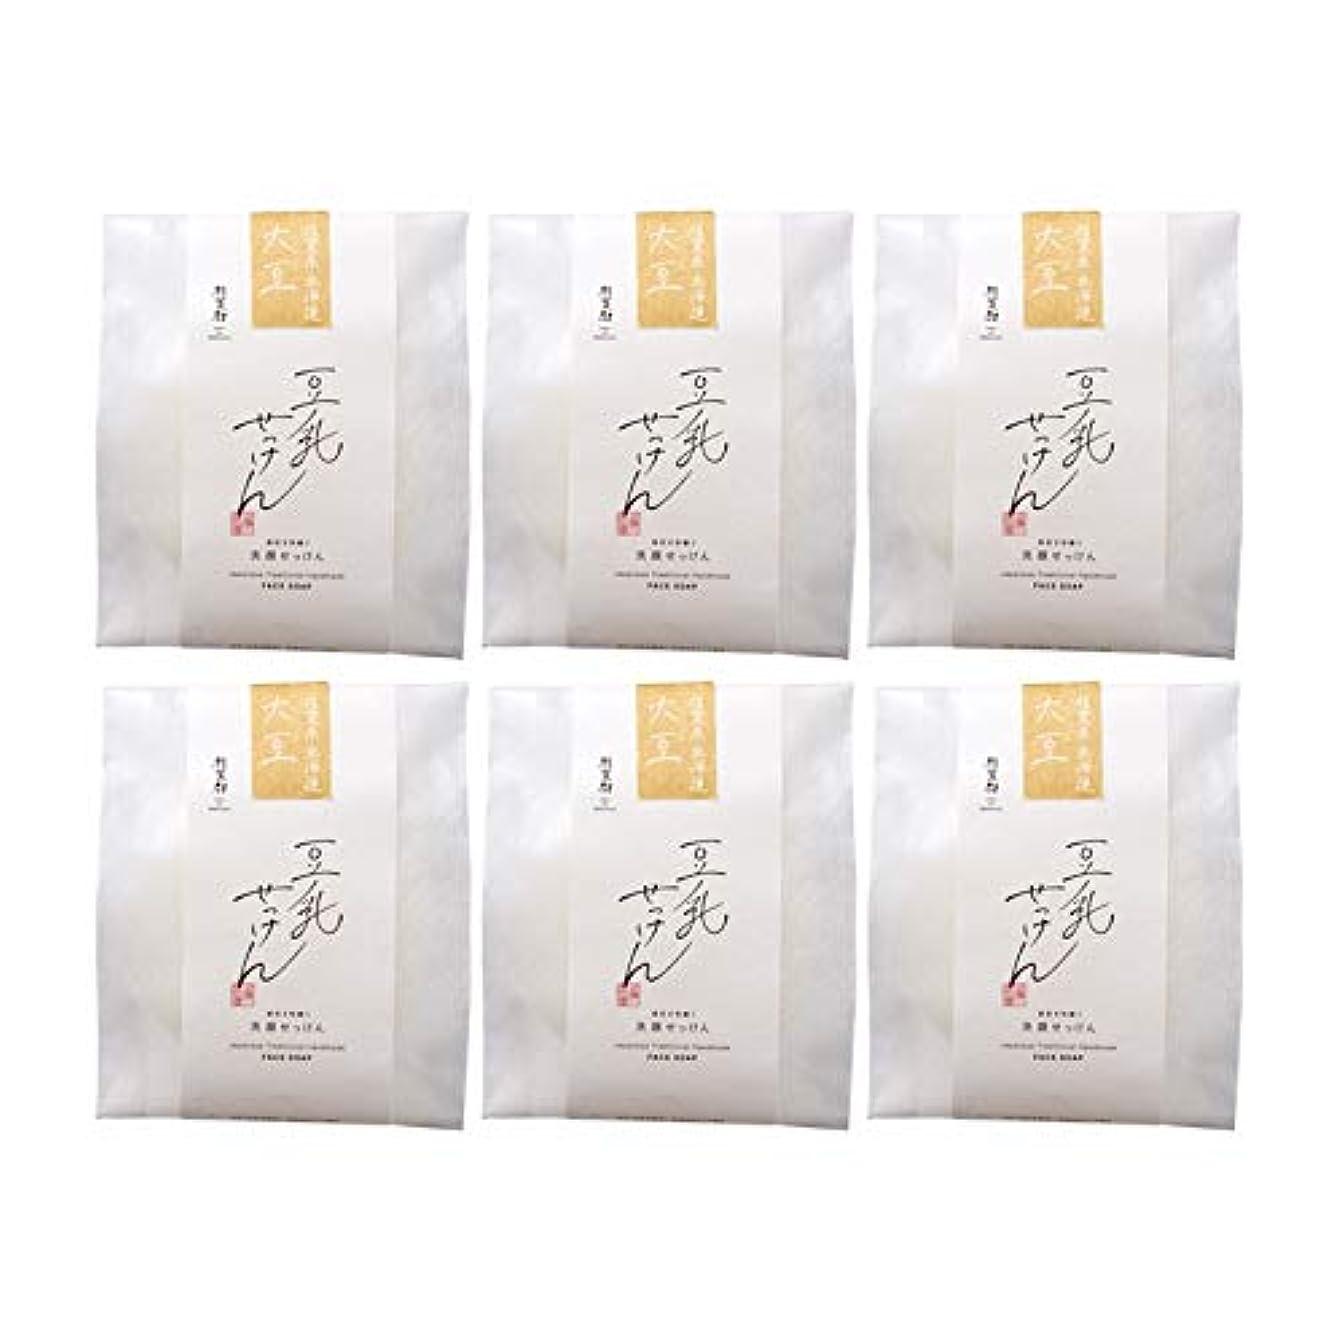 施し露ジュース豆腐の盛田屋 豆乳せっけん 自然生活 100g×6個セット